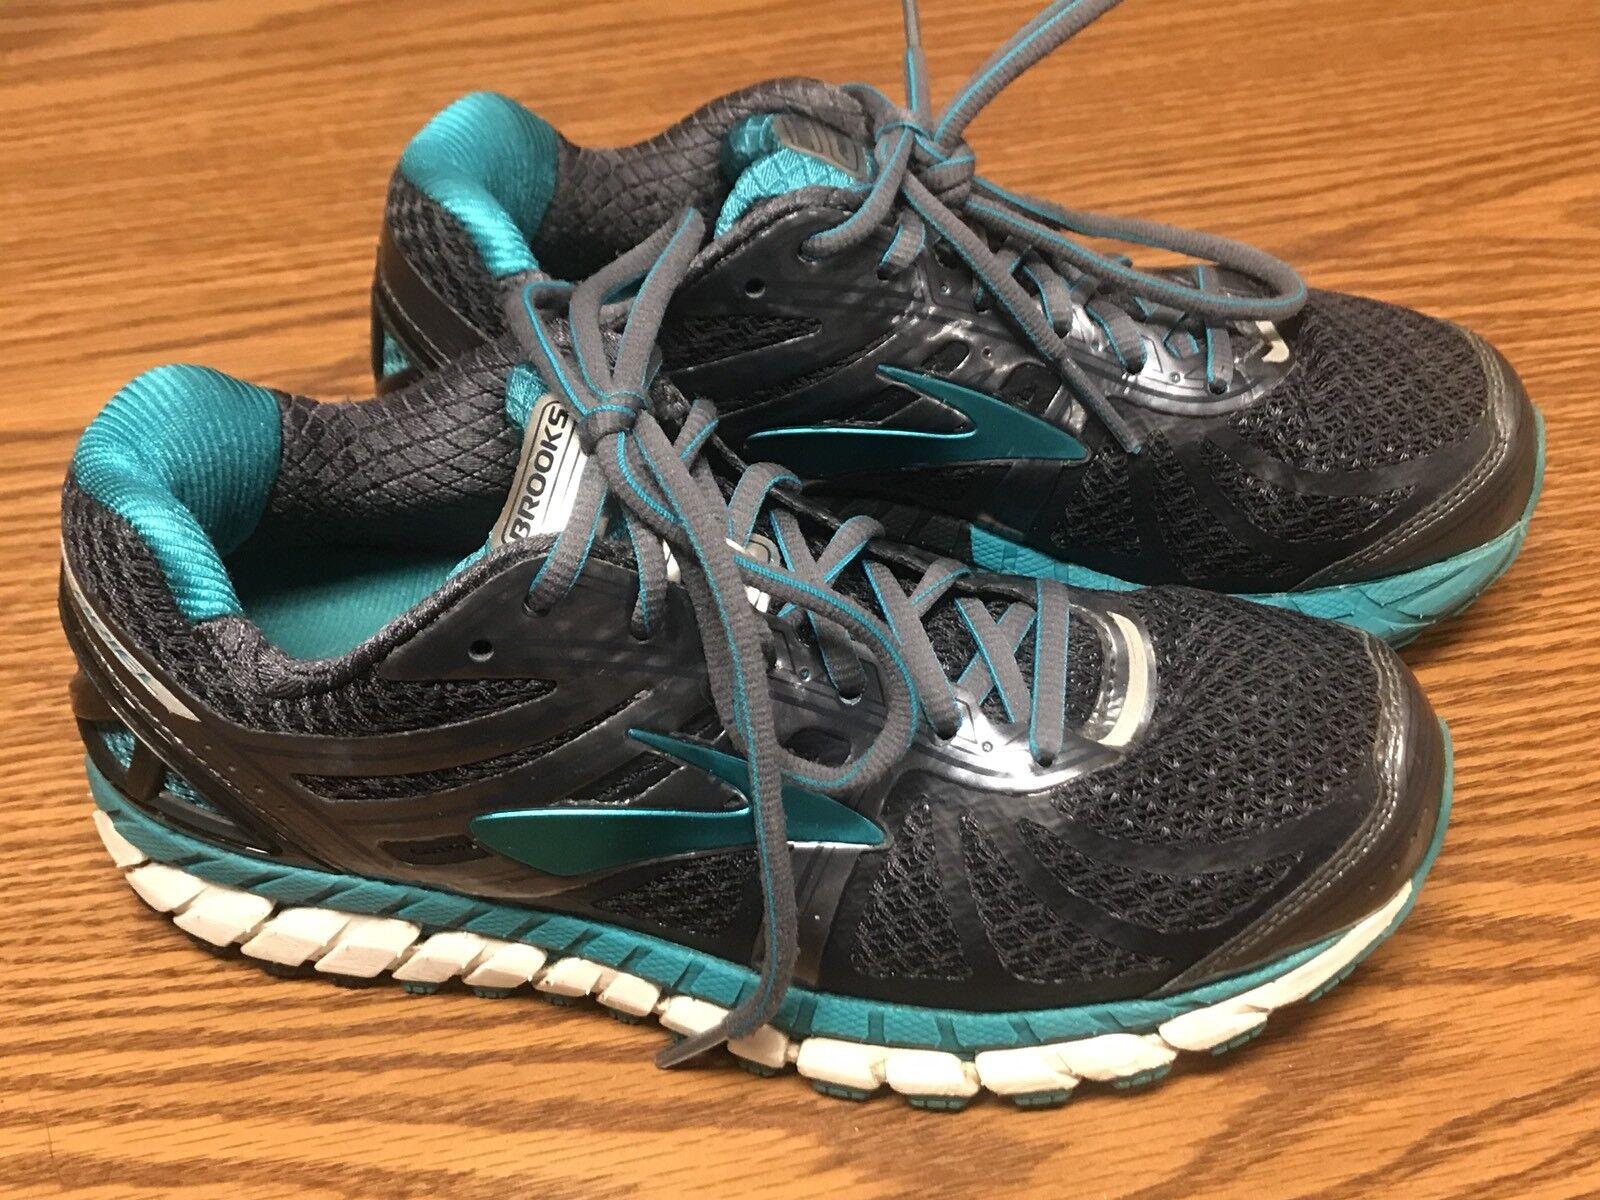 Brooks Ariel 16 Femme Gris Blanc Aqua Bleu Running Chaussures Sneakers  US 7 EU 38